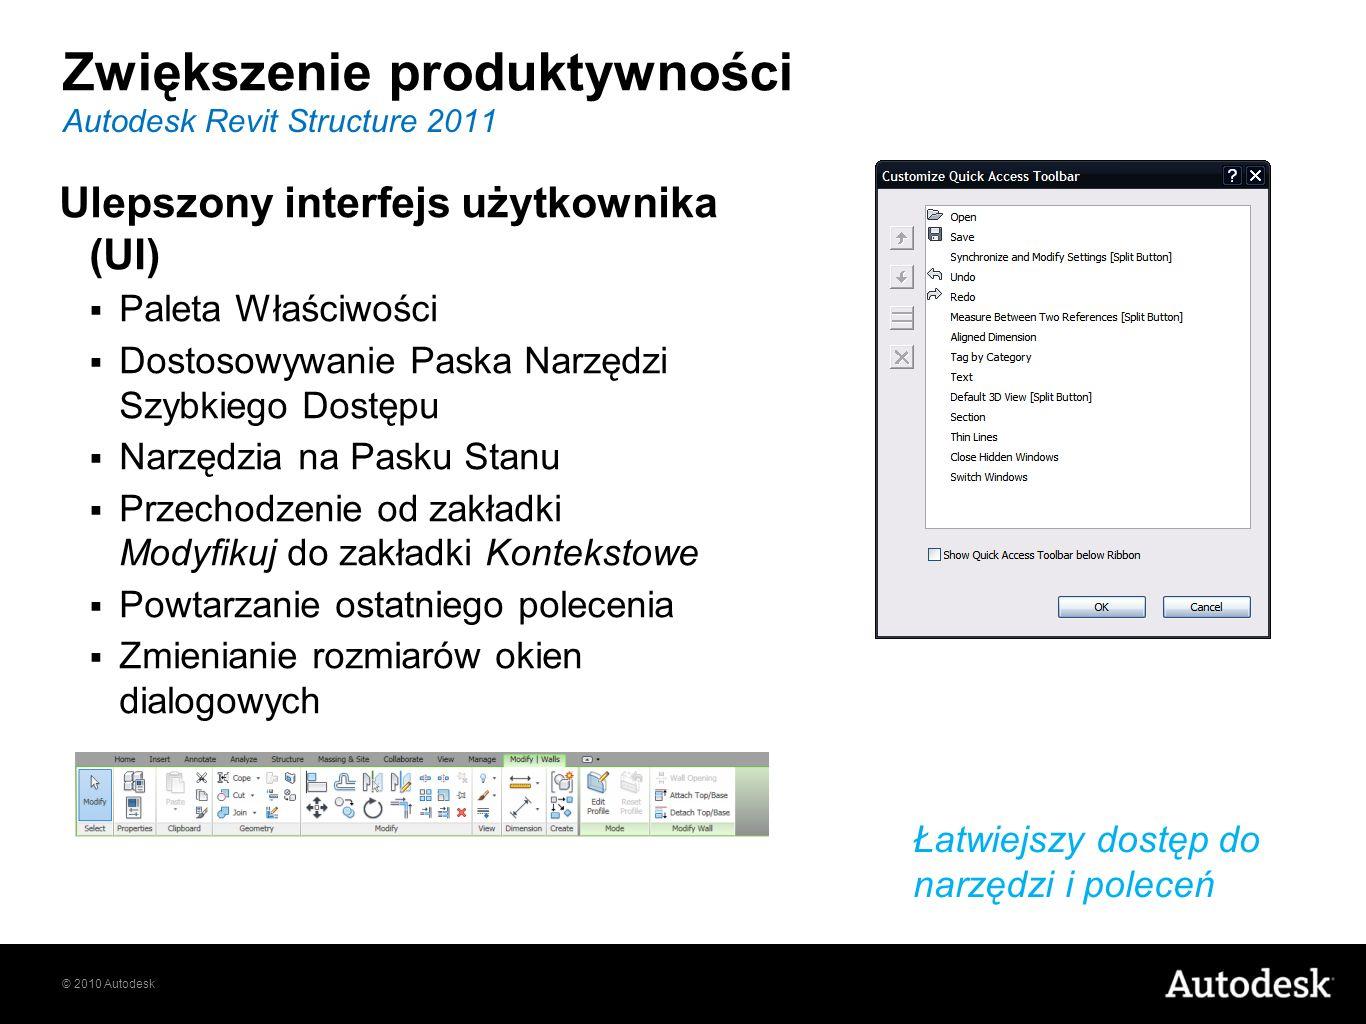 © 2010 Autodesk Autodesk Revit Structure 2011 Ulepszony interfejs użytkownika (UI) Paleta Właściwości Dostosowywanie Paska Narzędzi Szybkiego Dostępu